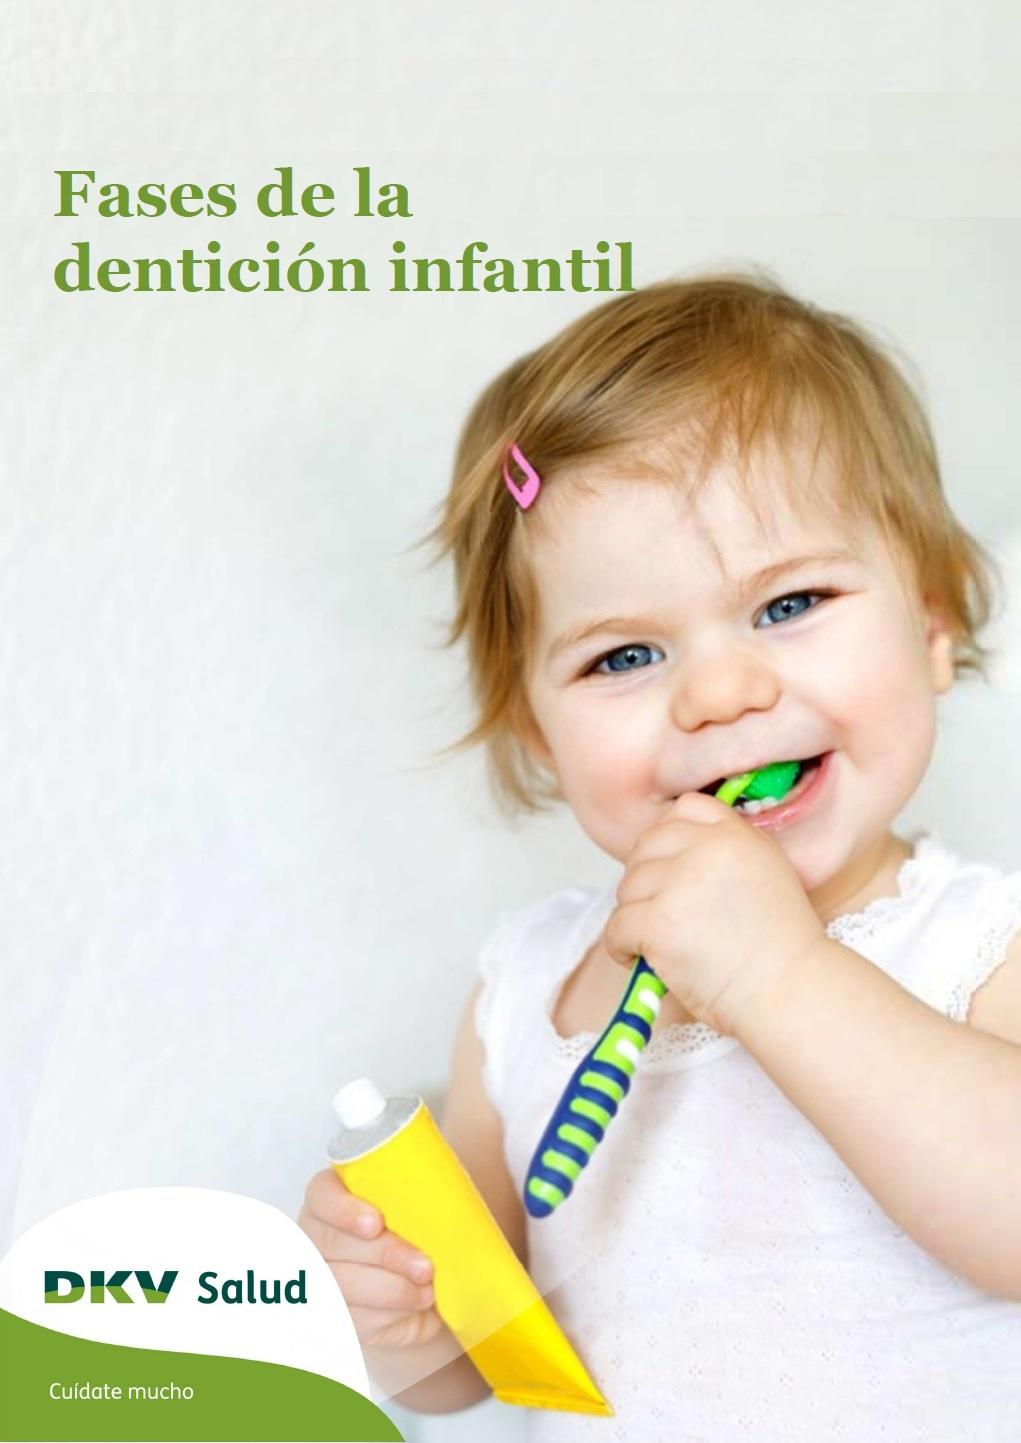 DKV - Denticion infantil - Portada 2D